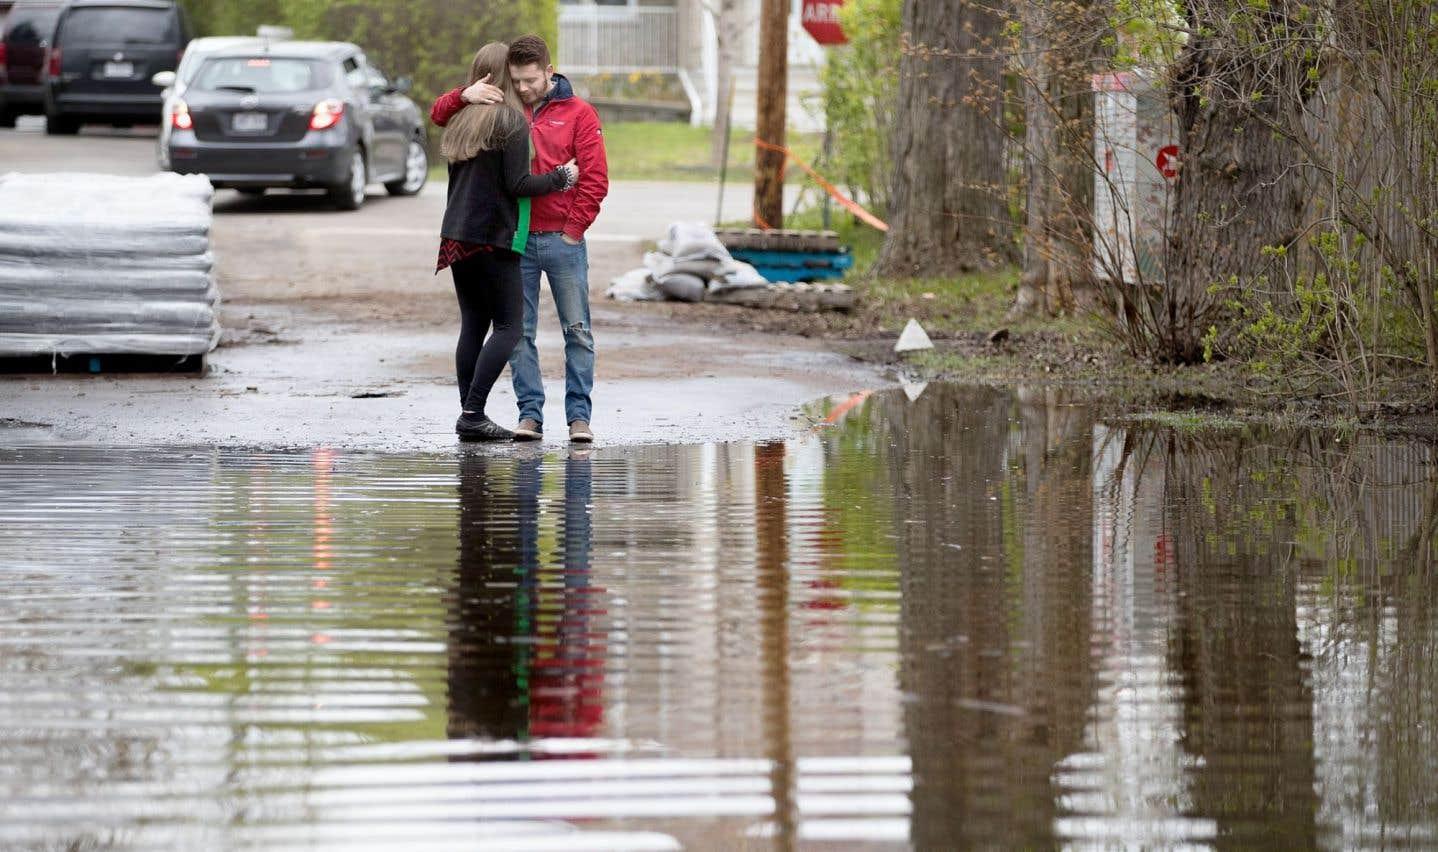 Des sinistrés de Pierrefonds se disent déçus des autorités qui n'ont pas su prévenir les inondations